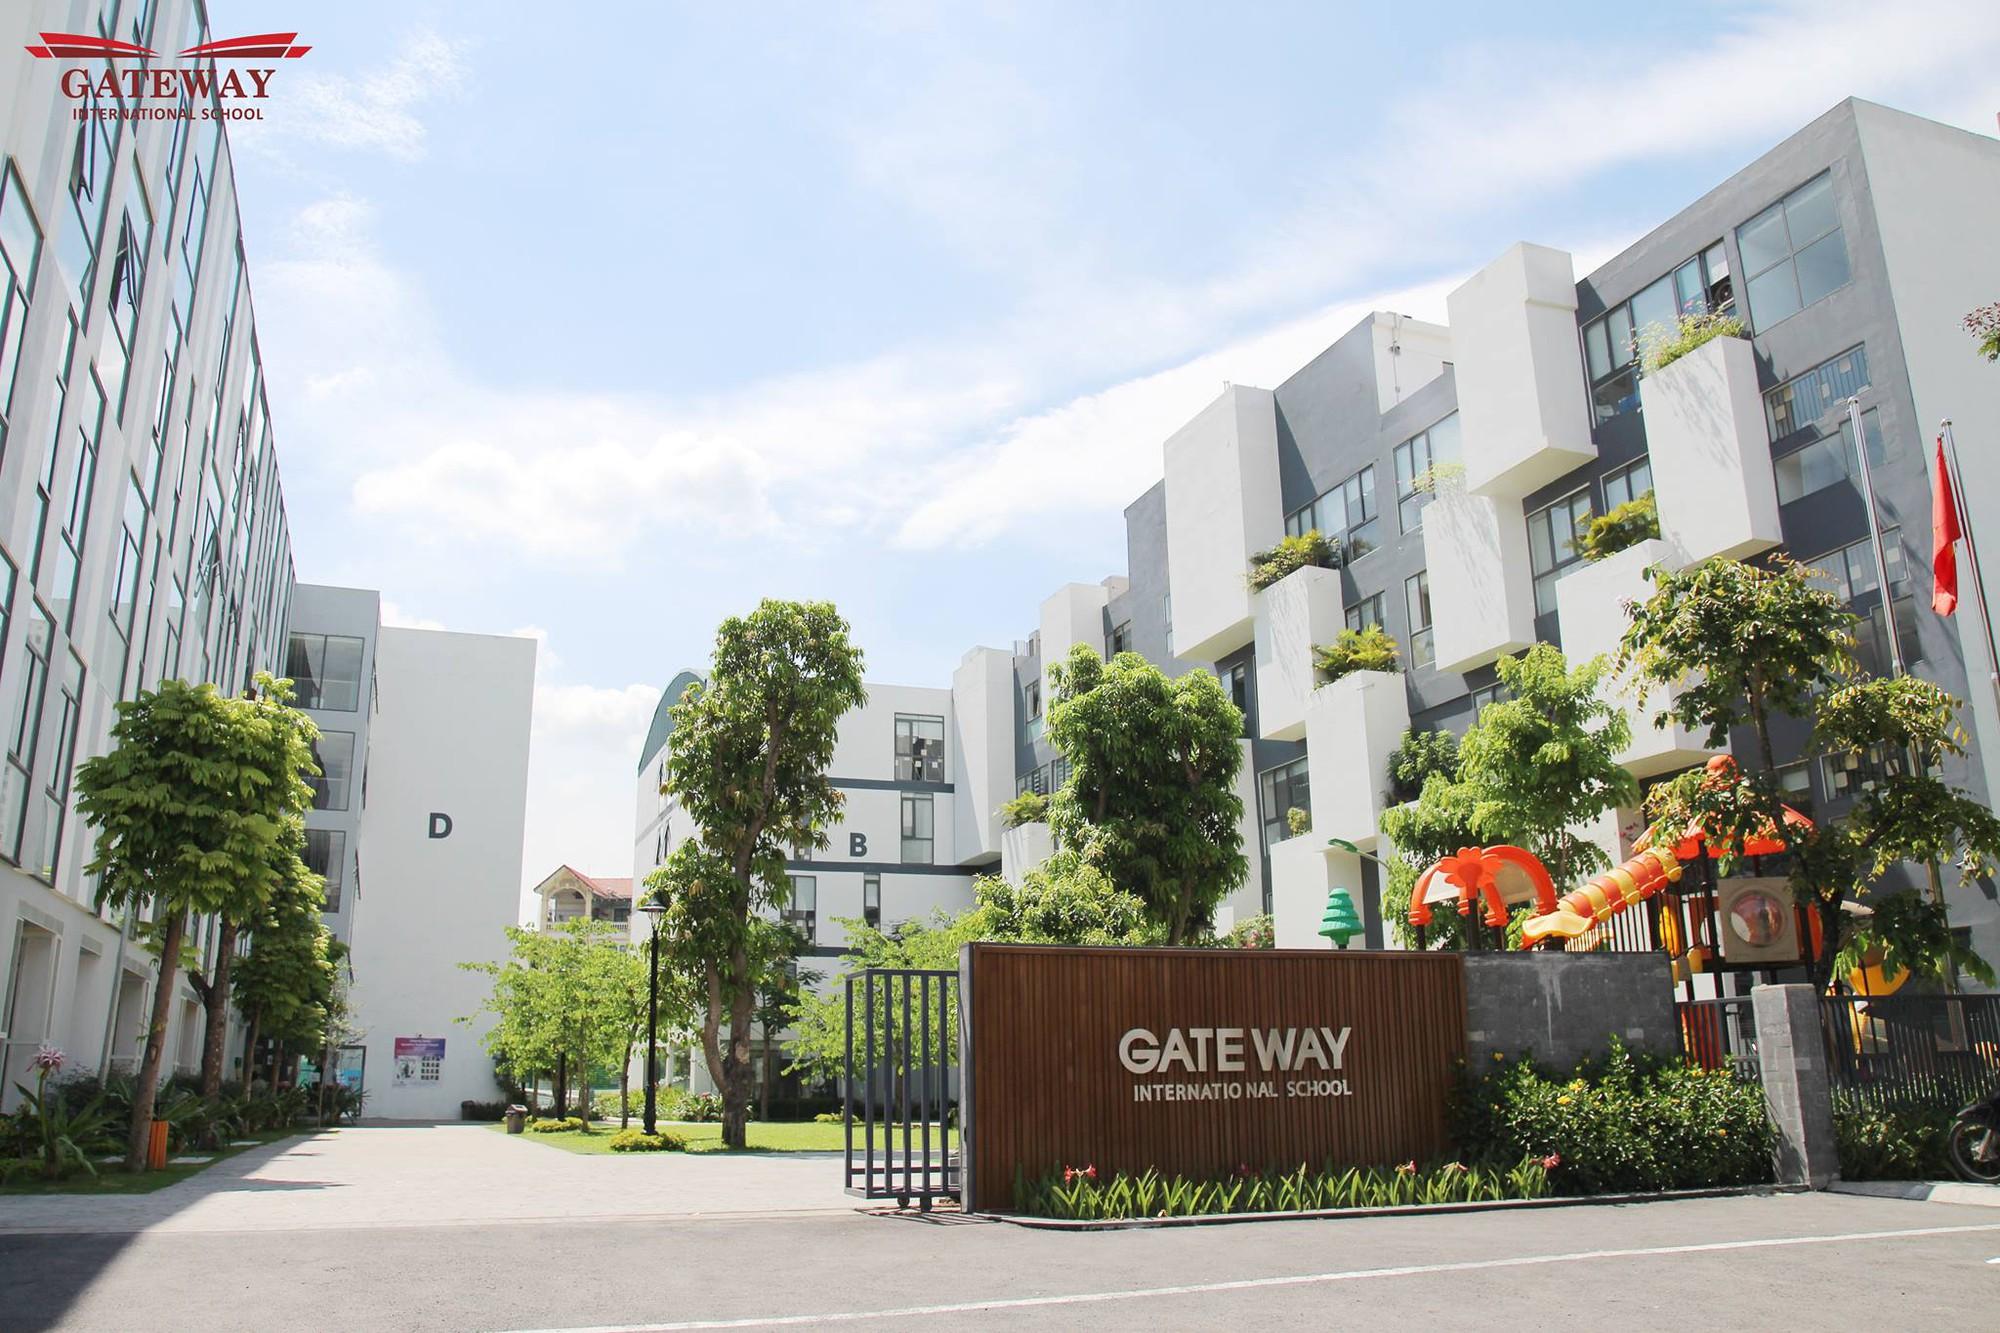 Trường Quốc tế Gateway Hà Nội - nơi bé trai lớp 1 tử vong vì bị bỏ quên trên xe buýt có học phí tới gần 120 triệu/năm-1